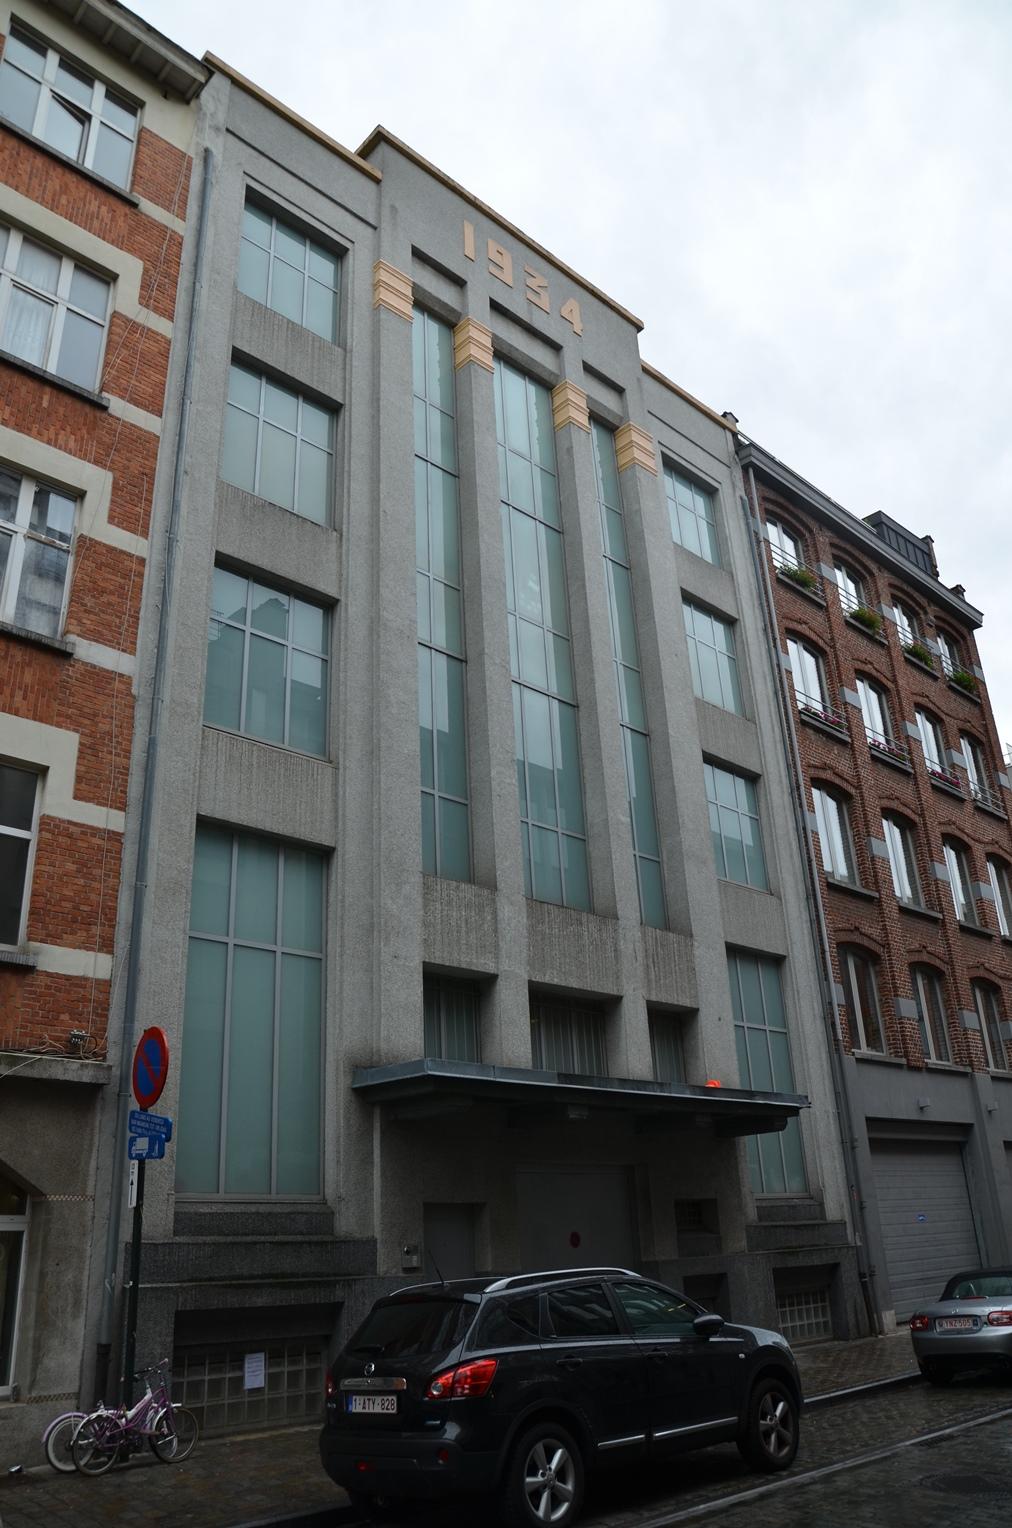 Rue des Commerçants 67, 2015